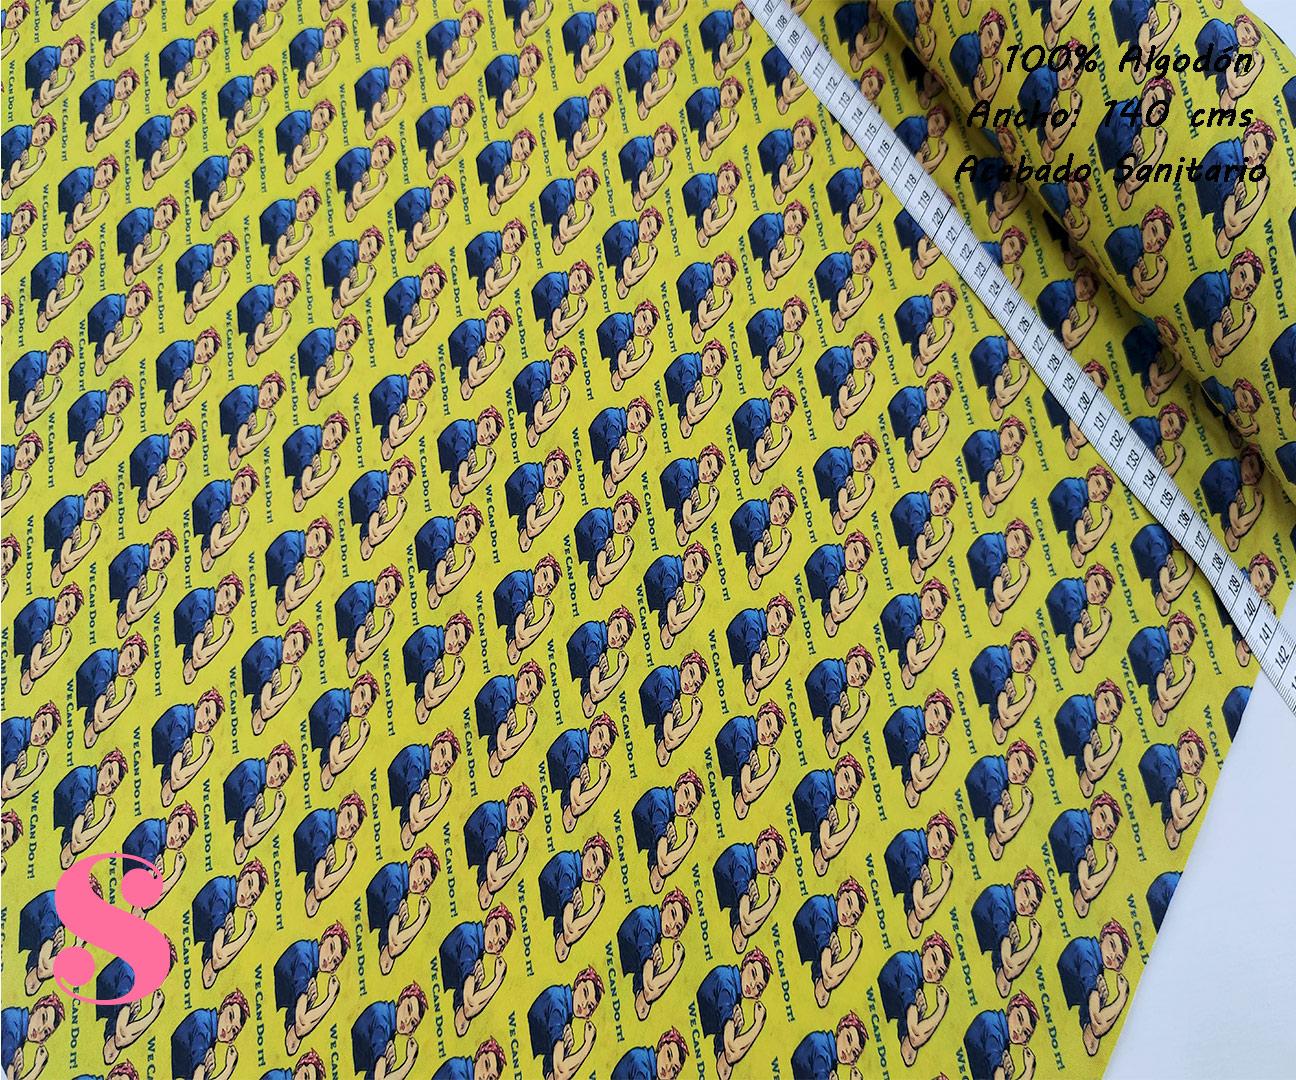 H7-rosie-remachadora-acabado-sanitario-hidrofugado-tejidos-algodón-estampado-percal,tejidos con acabado sanitario,telas con certificado AITEX,Estampado Hidrófugo Antibacteriano Rosie the Riveter